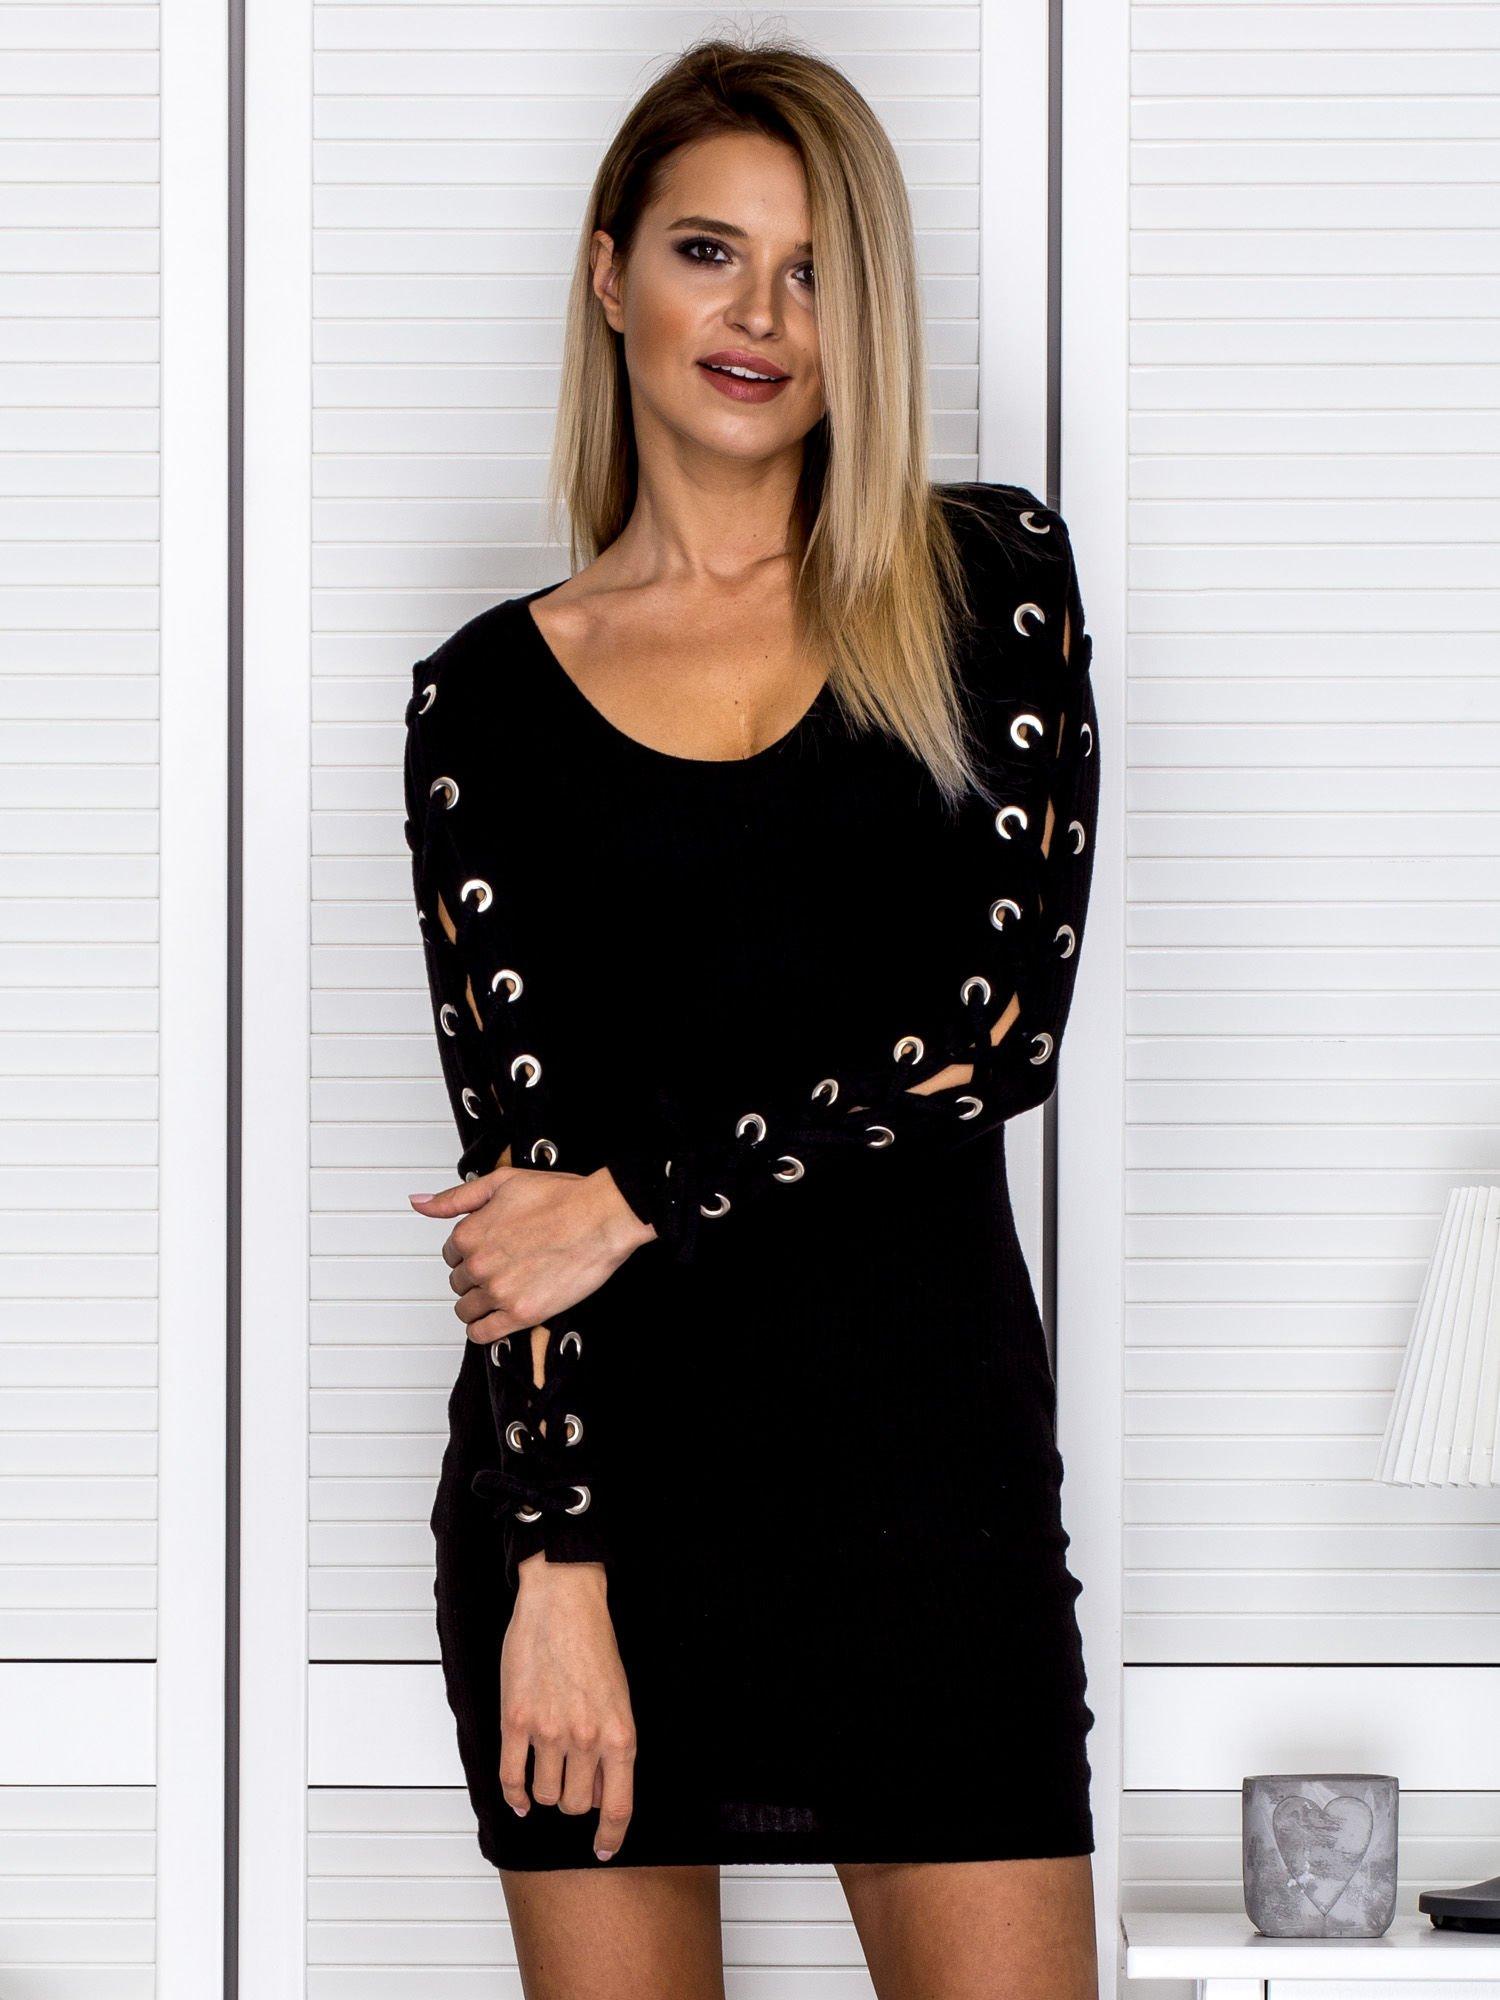 https://static5.ebutik.pl/pol_pl_Czarna-sukienka-w-prazek-ze-sznurowanymi-rekawami-247407_5.jpg